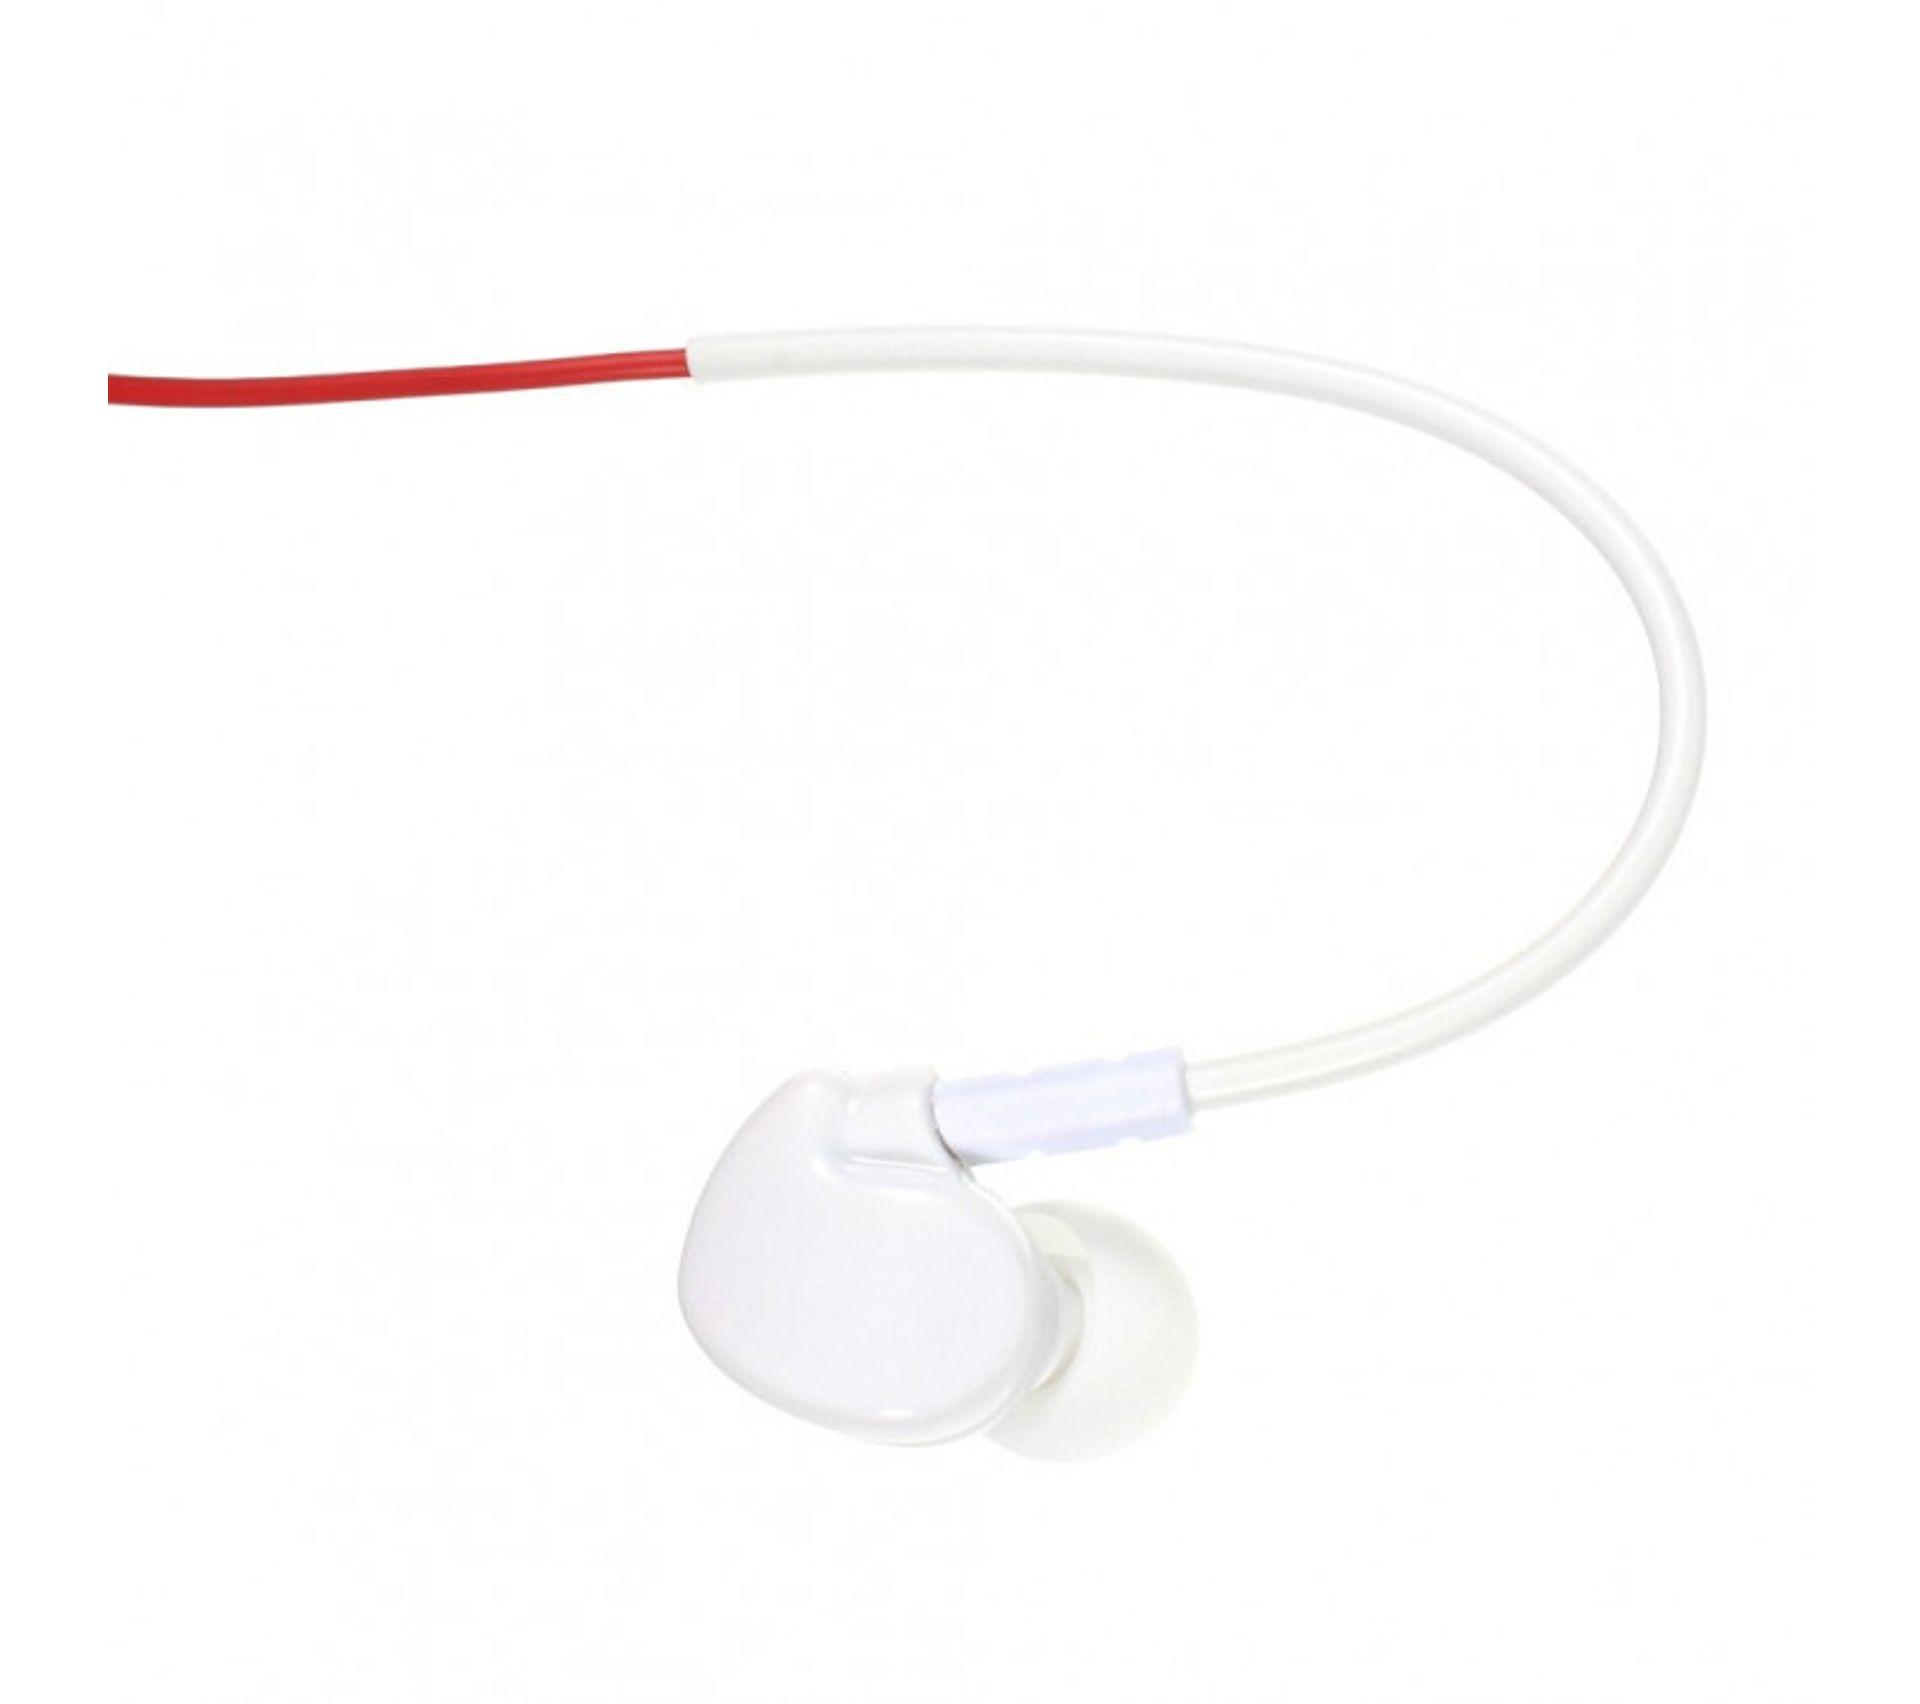 Ecouteurs Mains libres Spécial Sport Blanc Rouge Contours Doreilles